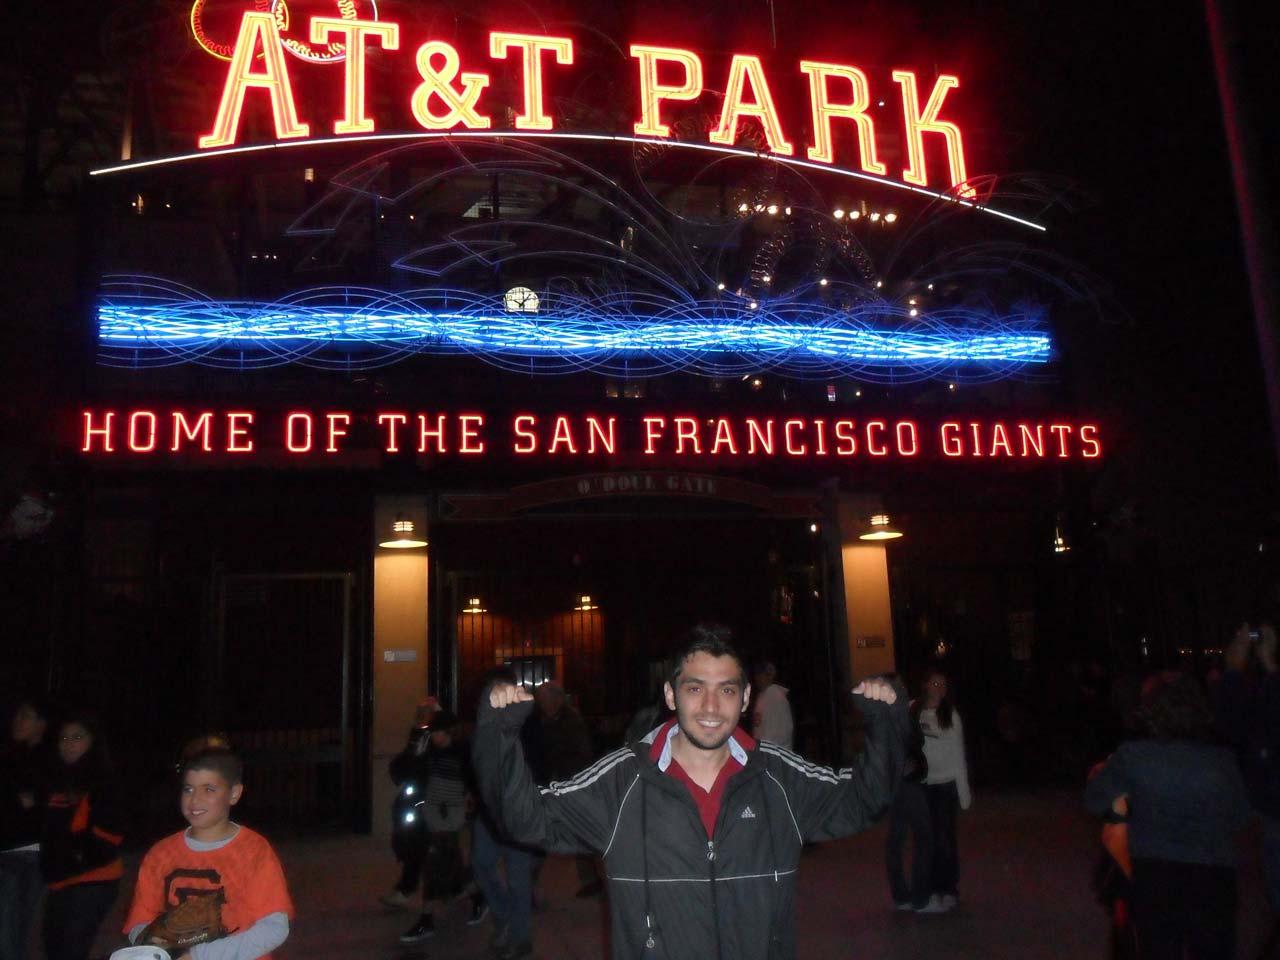 Ve günü 4-3 lük galibiyetle kapattık..Tebrikler SF Giants 😀